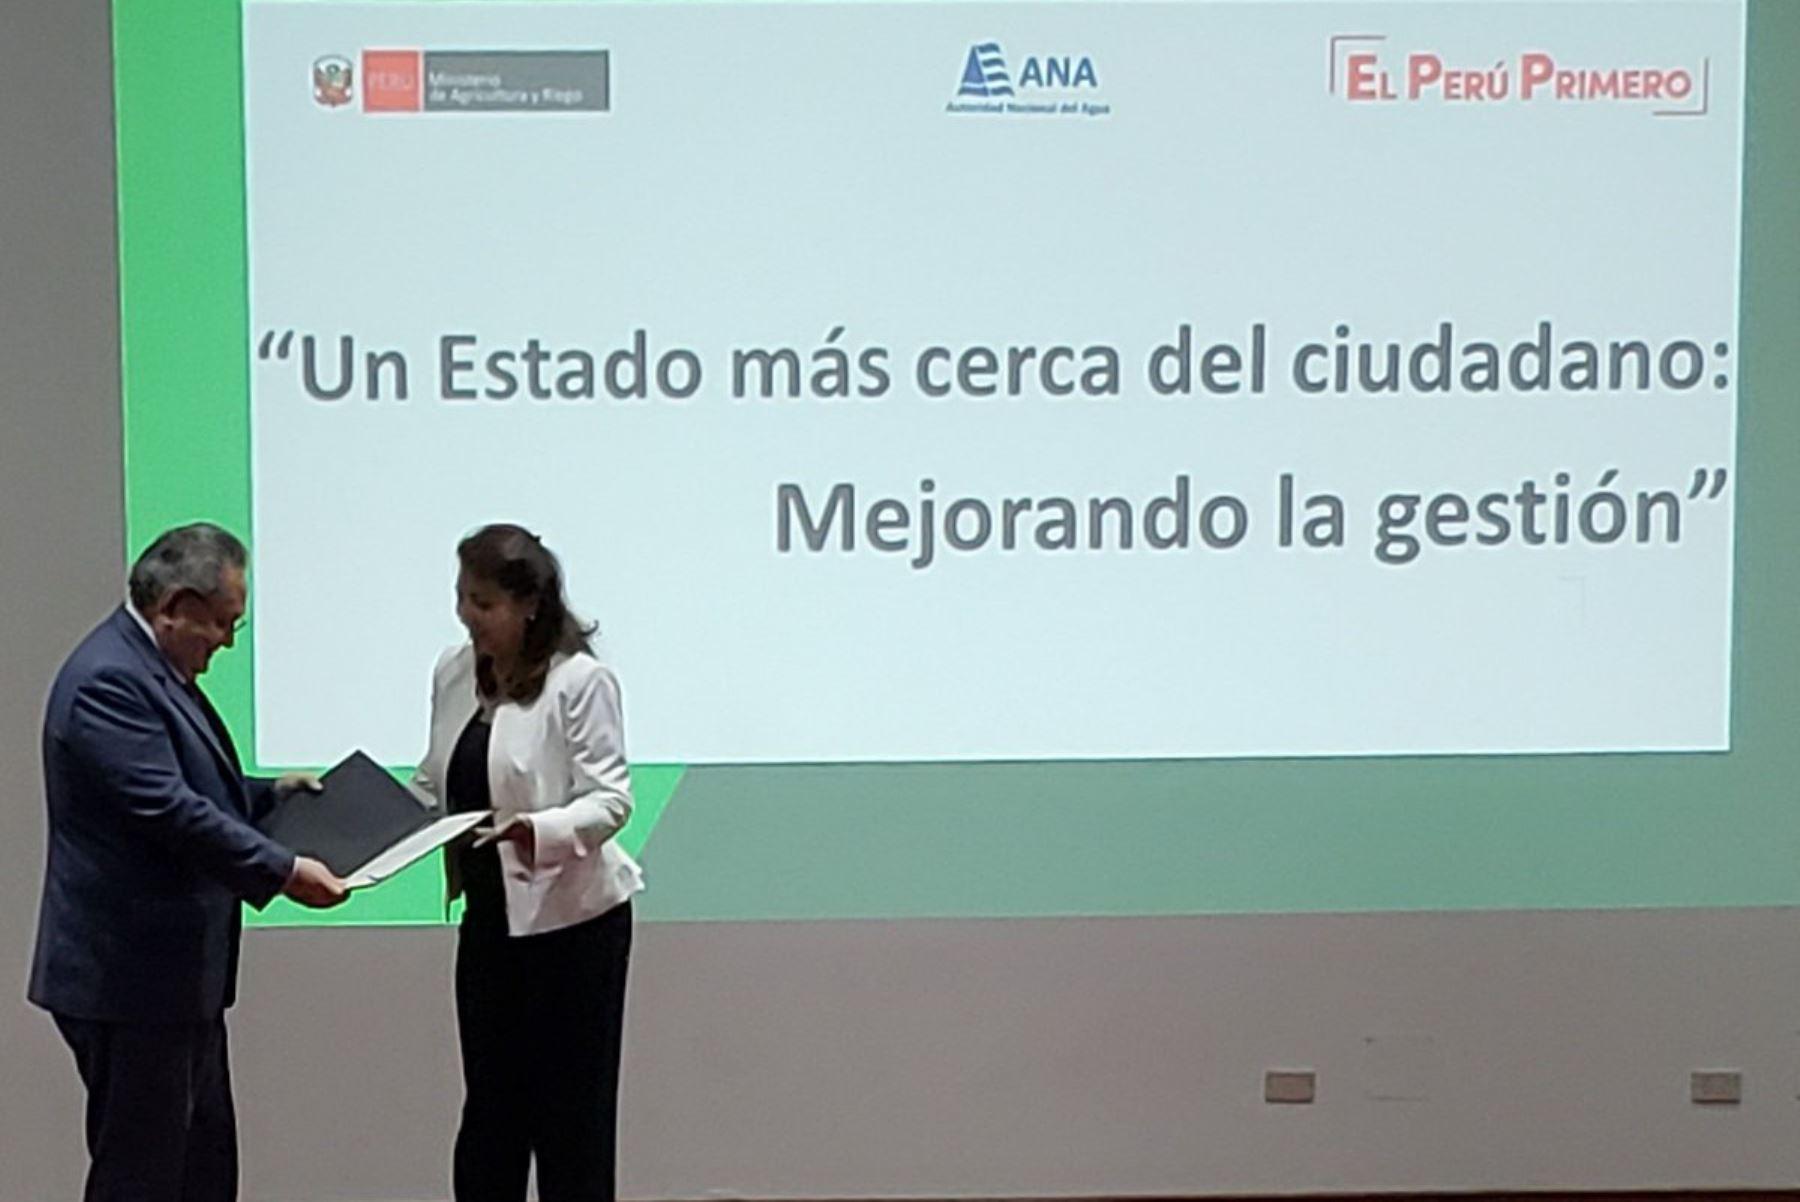 El Gobierno del Perú, a través del Ministerio de Agricultura y Riego, recibió las Certificaciones ISO 9001:2015 Calidad y 37001:2016 Antisoborno, las primeras otorgadas a una institución del pública en materia de transparencia y eficiencia, en el marco de la lucha contra la corrupción y la gestión en la calidad del recurso hídrico, acciones lideradas por el Presidente de la República, Martín Vizcarra.